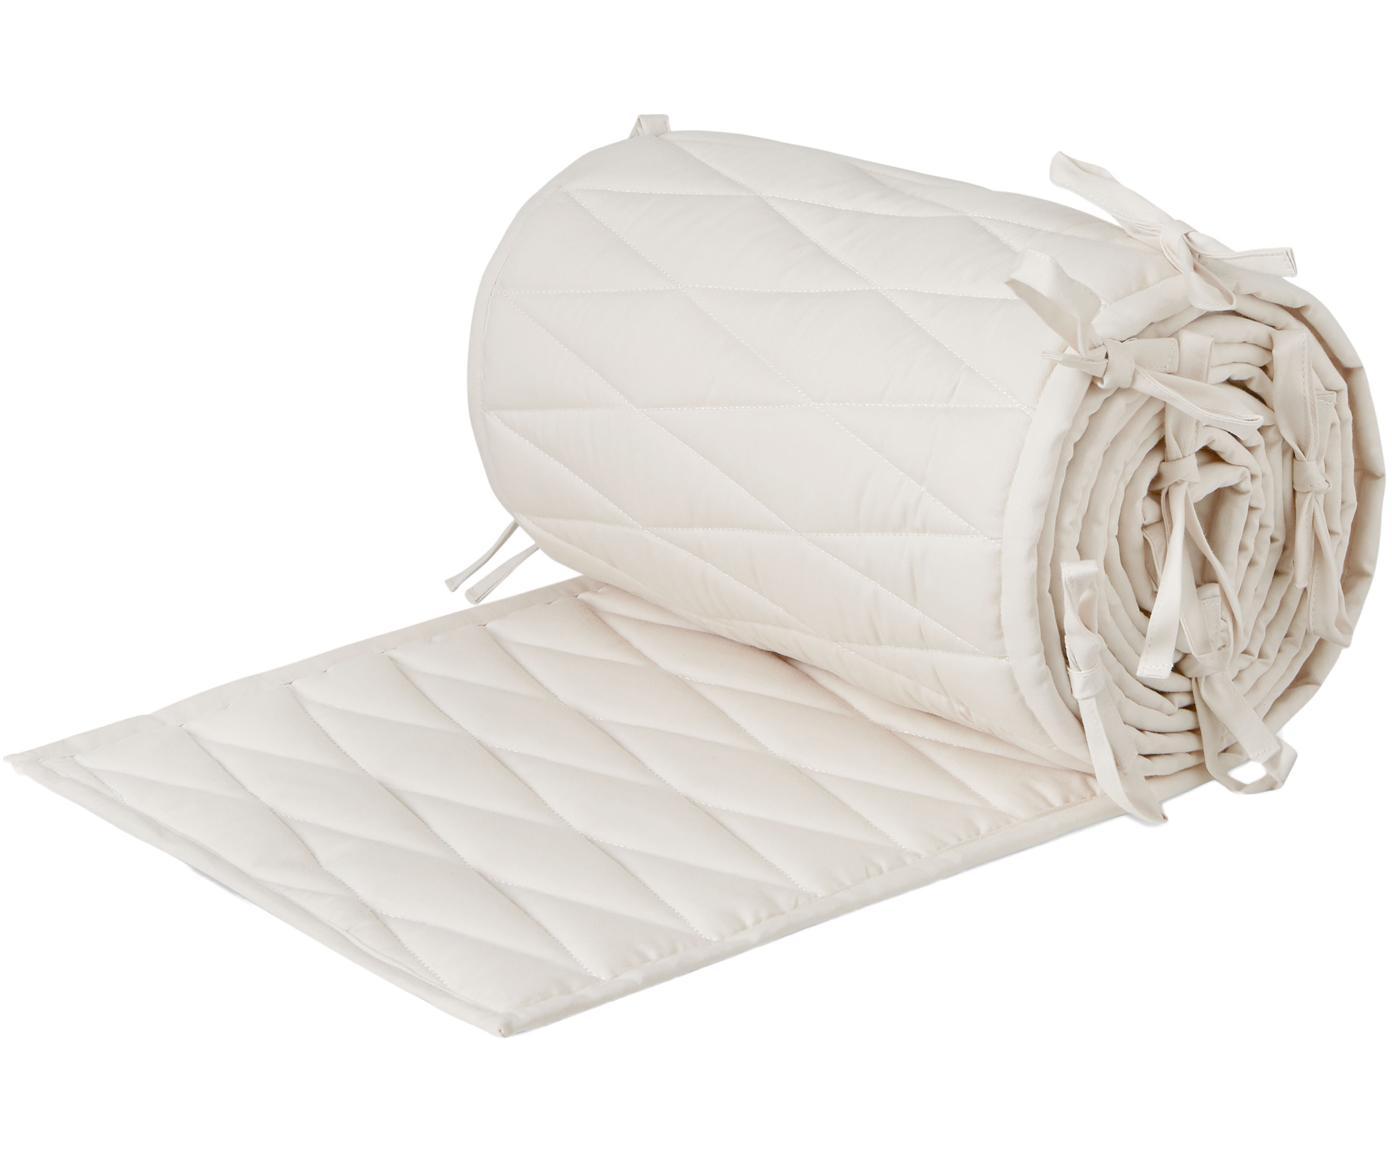 Chichonera cuna de algodón ecológico Safe, Exterior: algodón orgánico, Crema, An 30 x L 365 cm